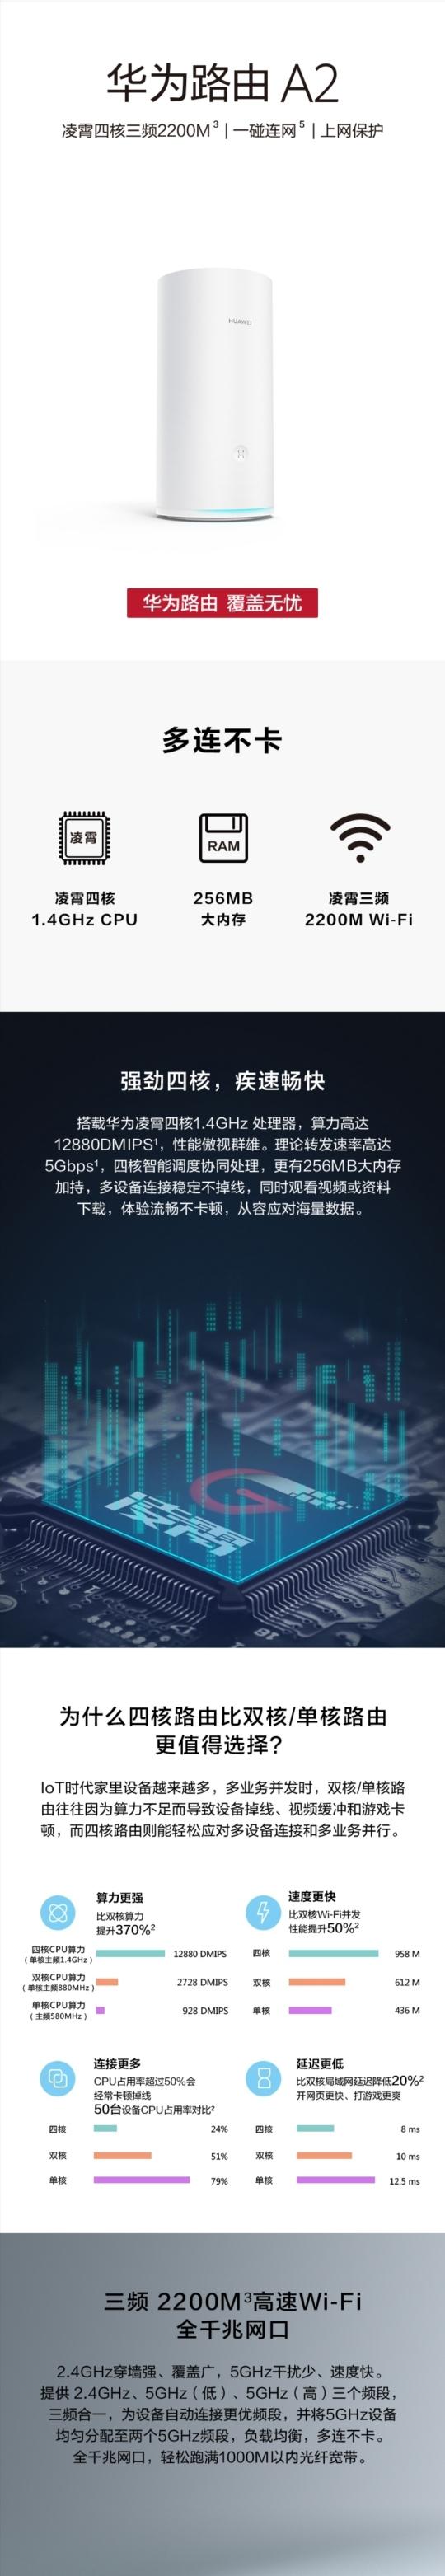 Screenshot_20200225_153019.jpg